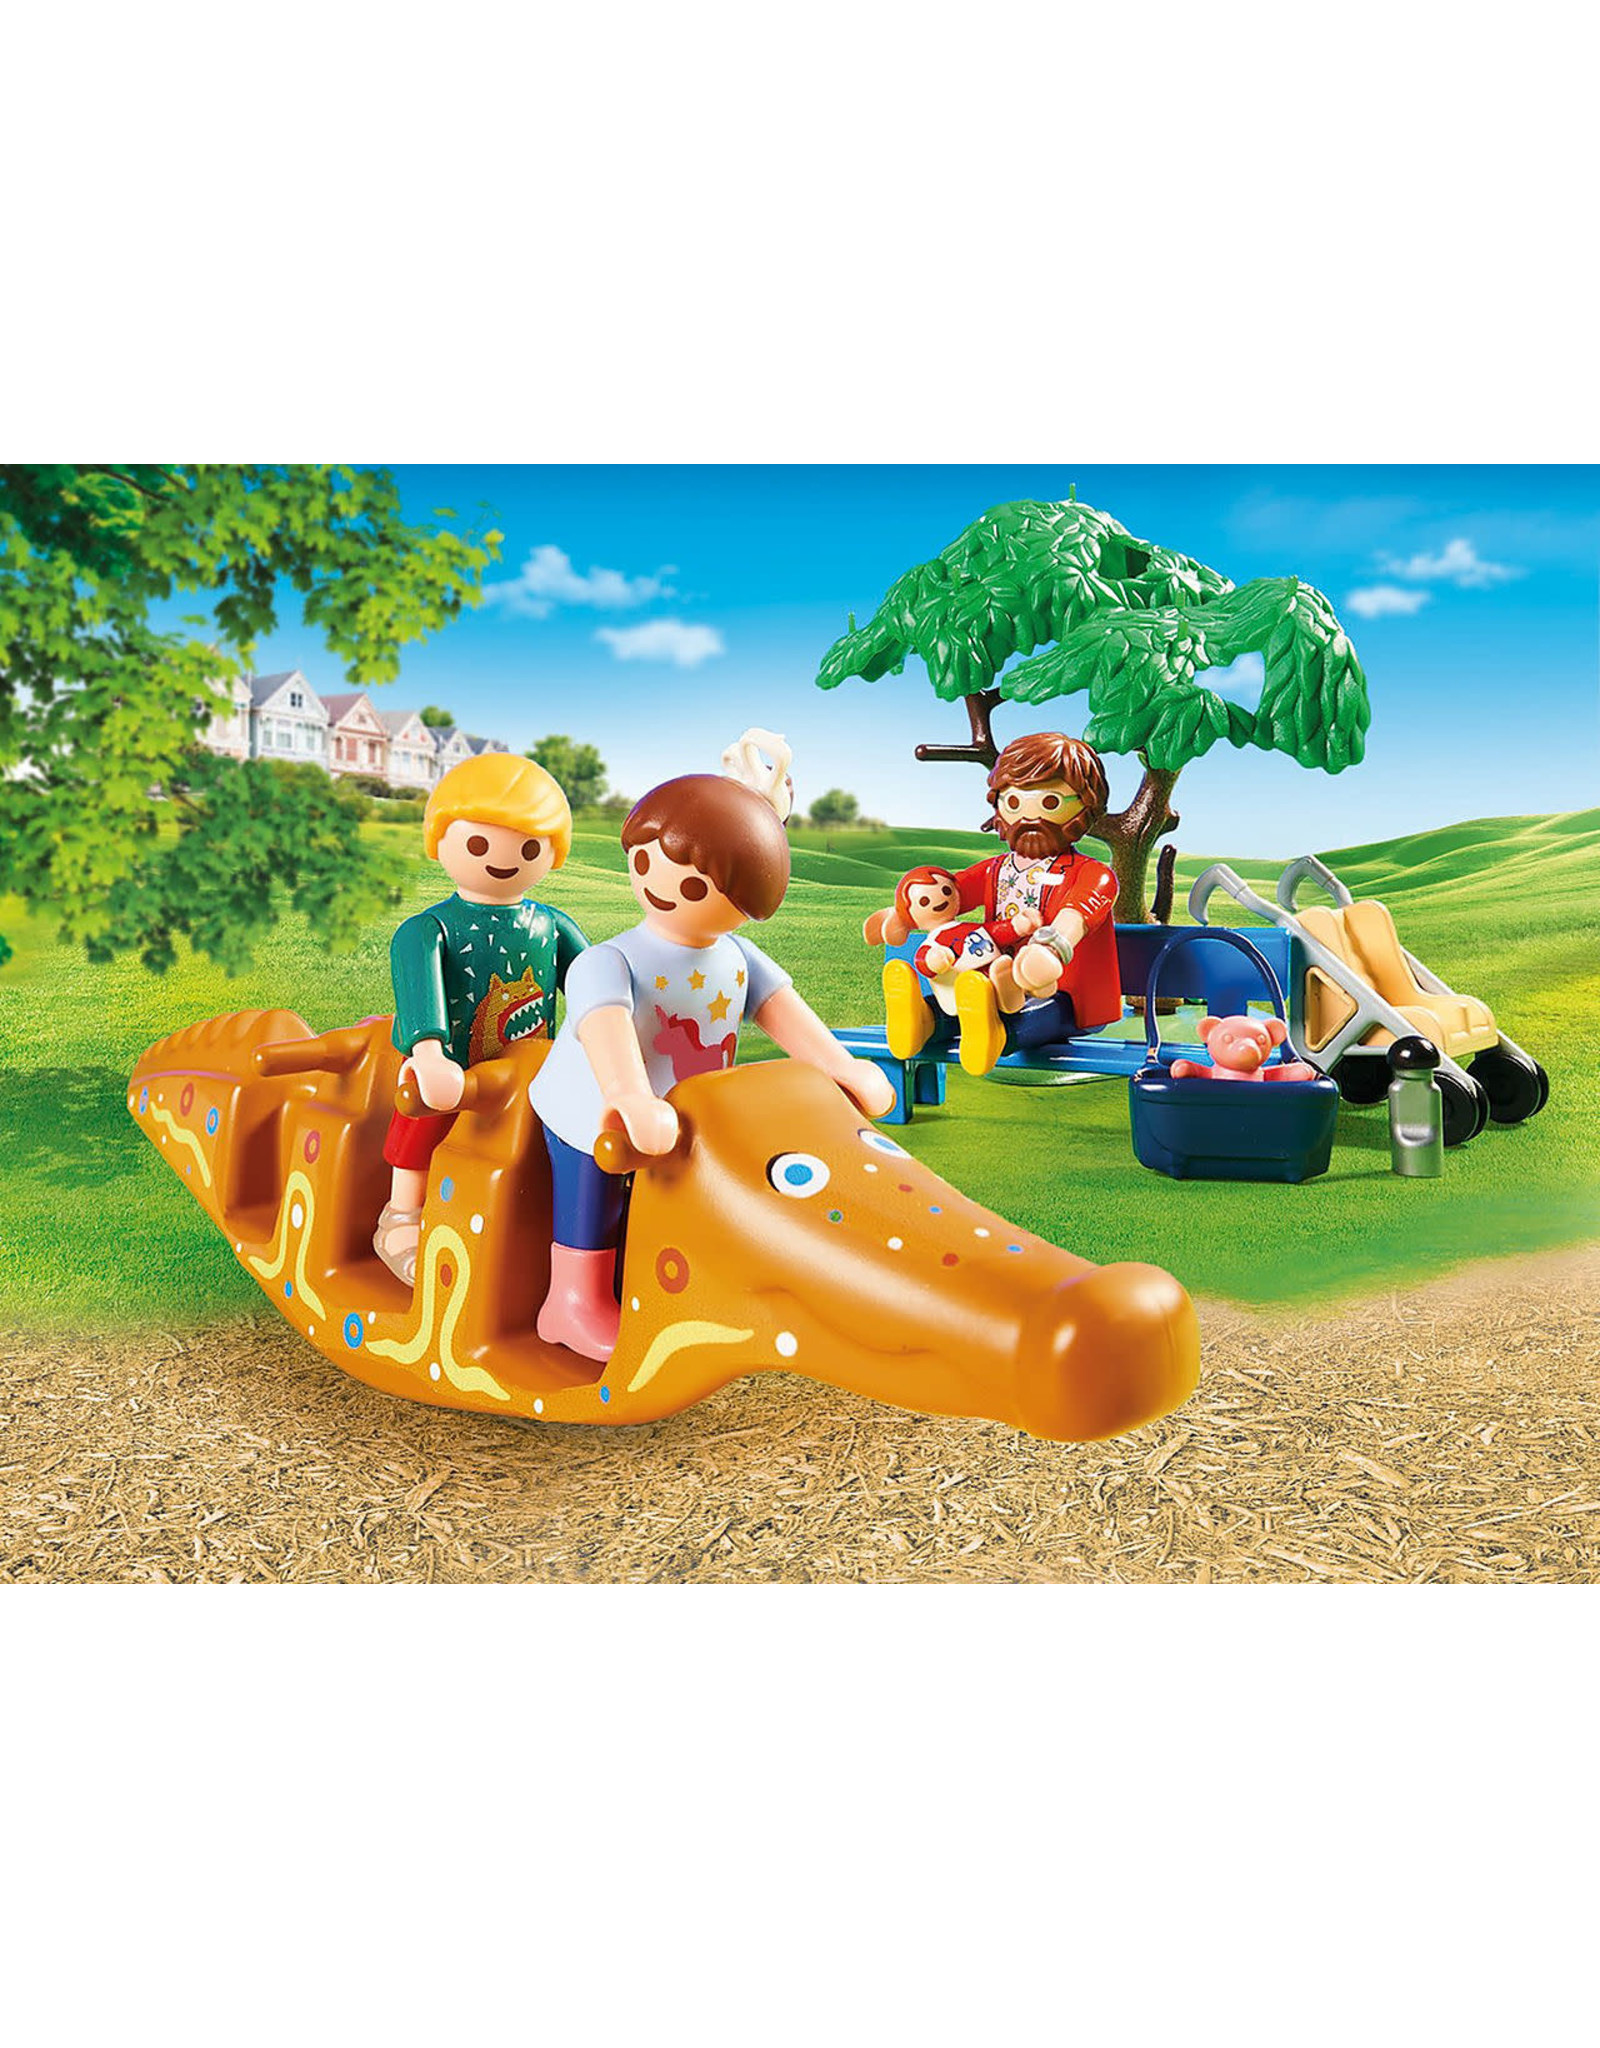 Playmobil Playmobil Citylife 70281 Adventure Playground